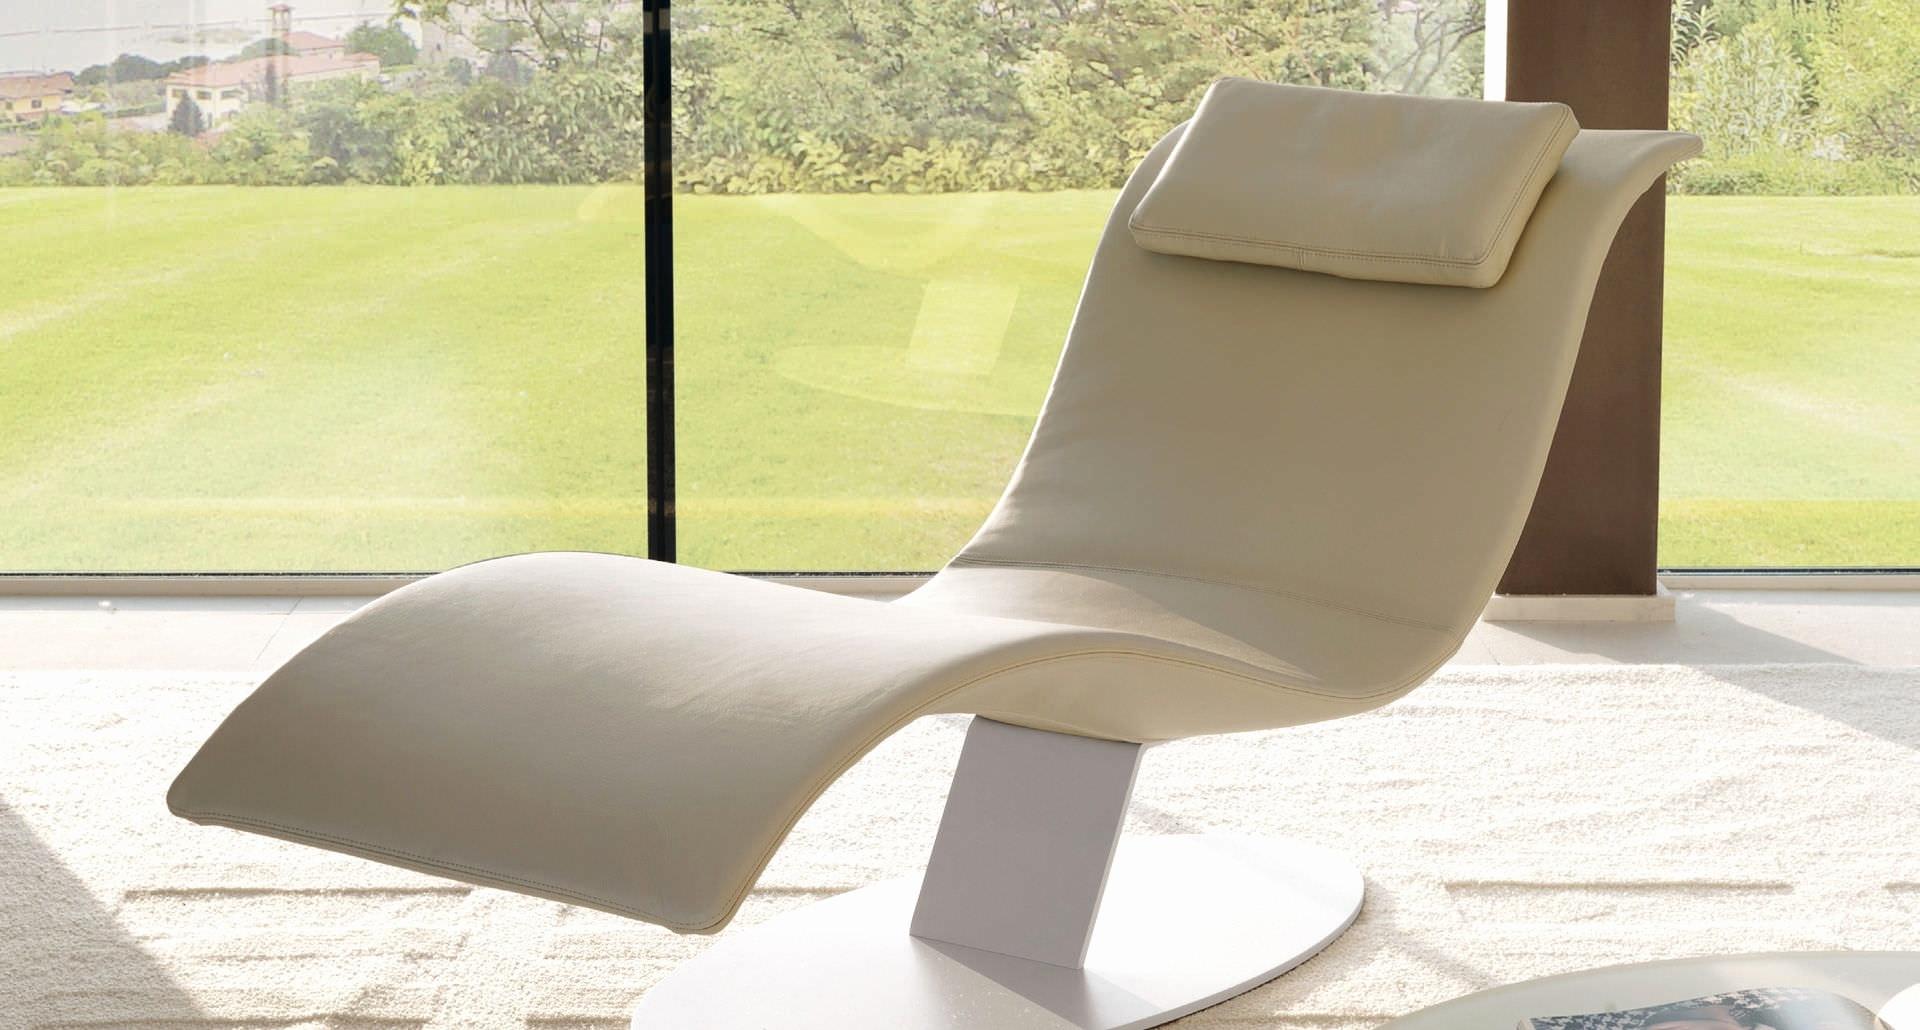 Cloture Moderne Pas Cher Beau Photos Coussin Chaise De Jardin Pas Cher Plus Parfait Coussin Chaise Longue